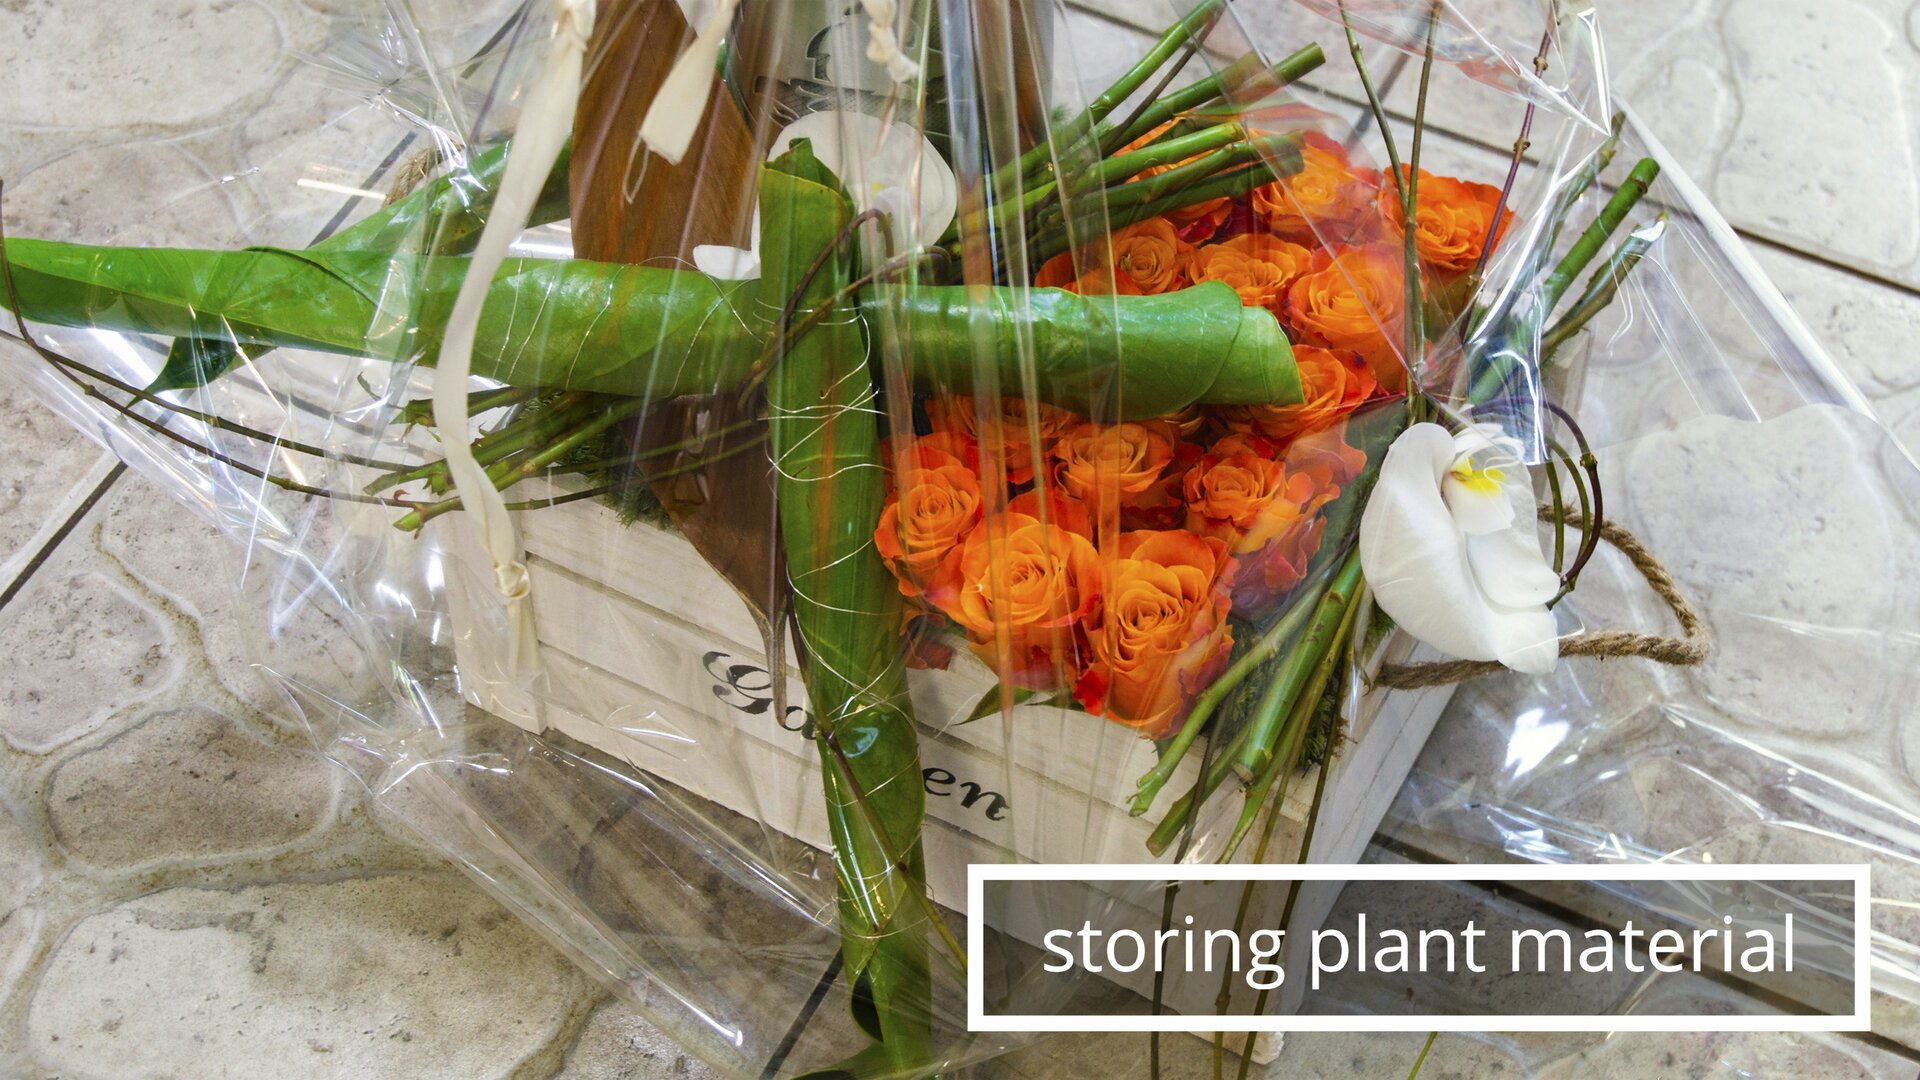 The picture shows one of the methods of storing plant material and preparing for its transportation.Rysunek przedstawia jeden ze sposobów przechowywania iprzygotowania do przewiezienia materiału roślinnego.